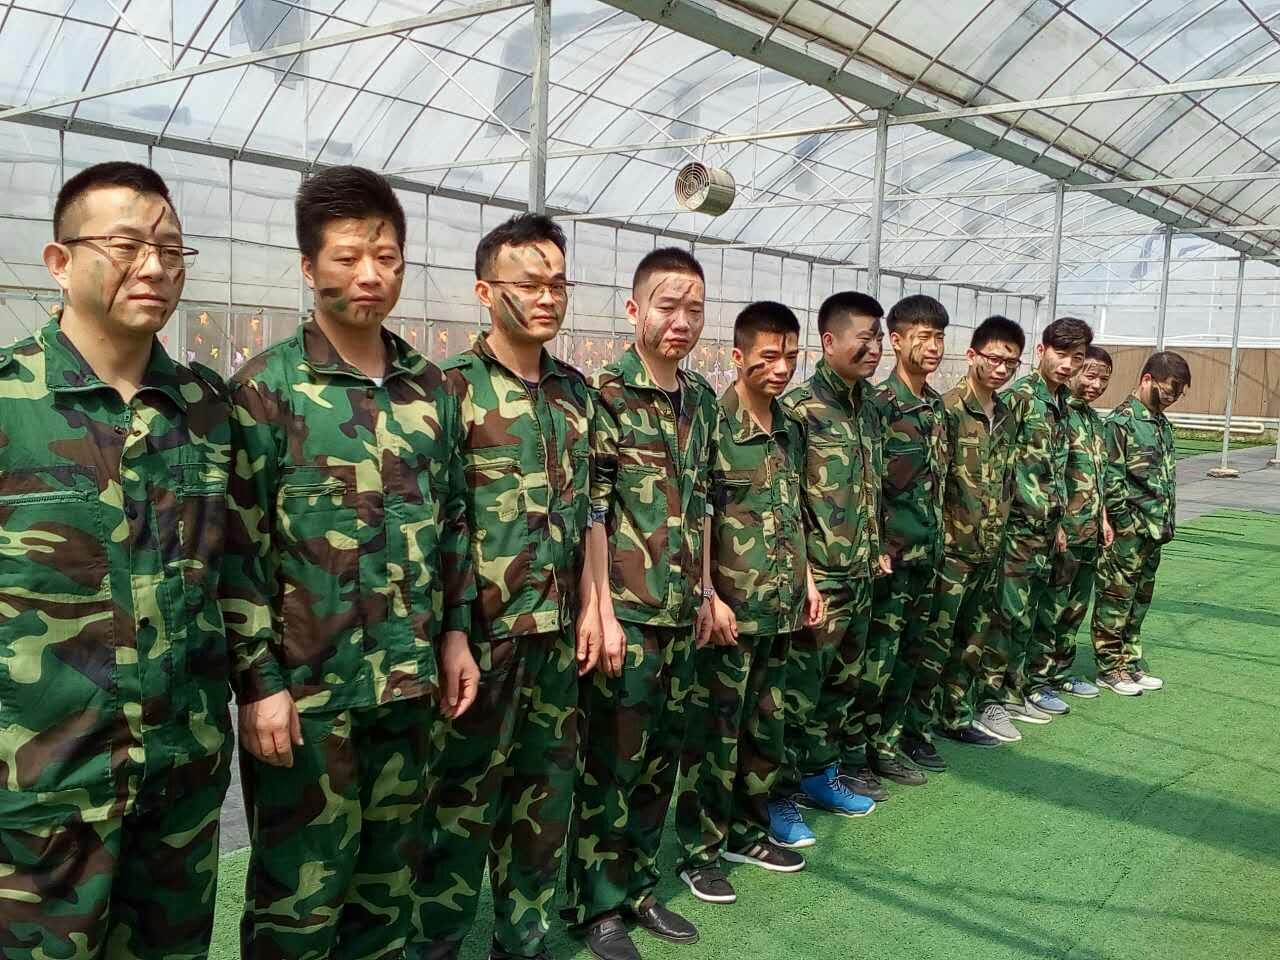 春之元硅藻泥杭州体验馆团队活动